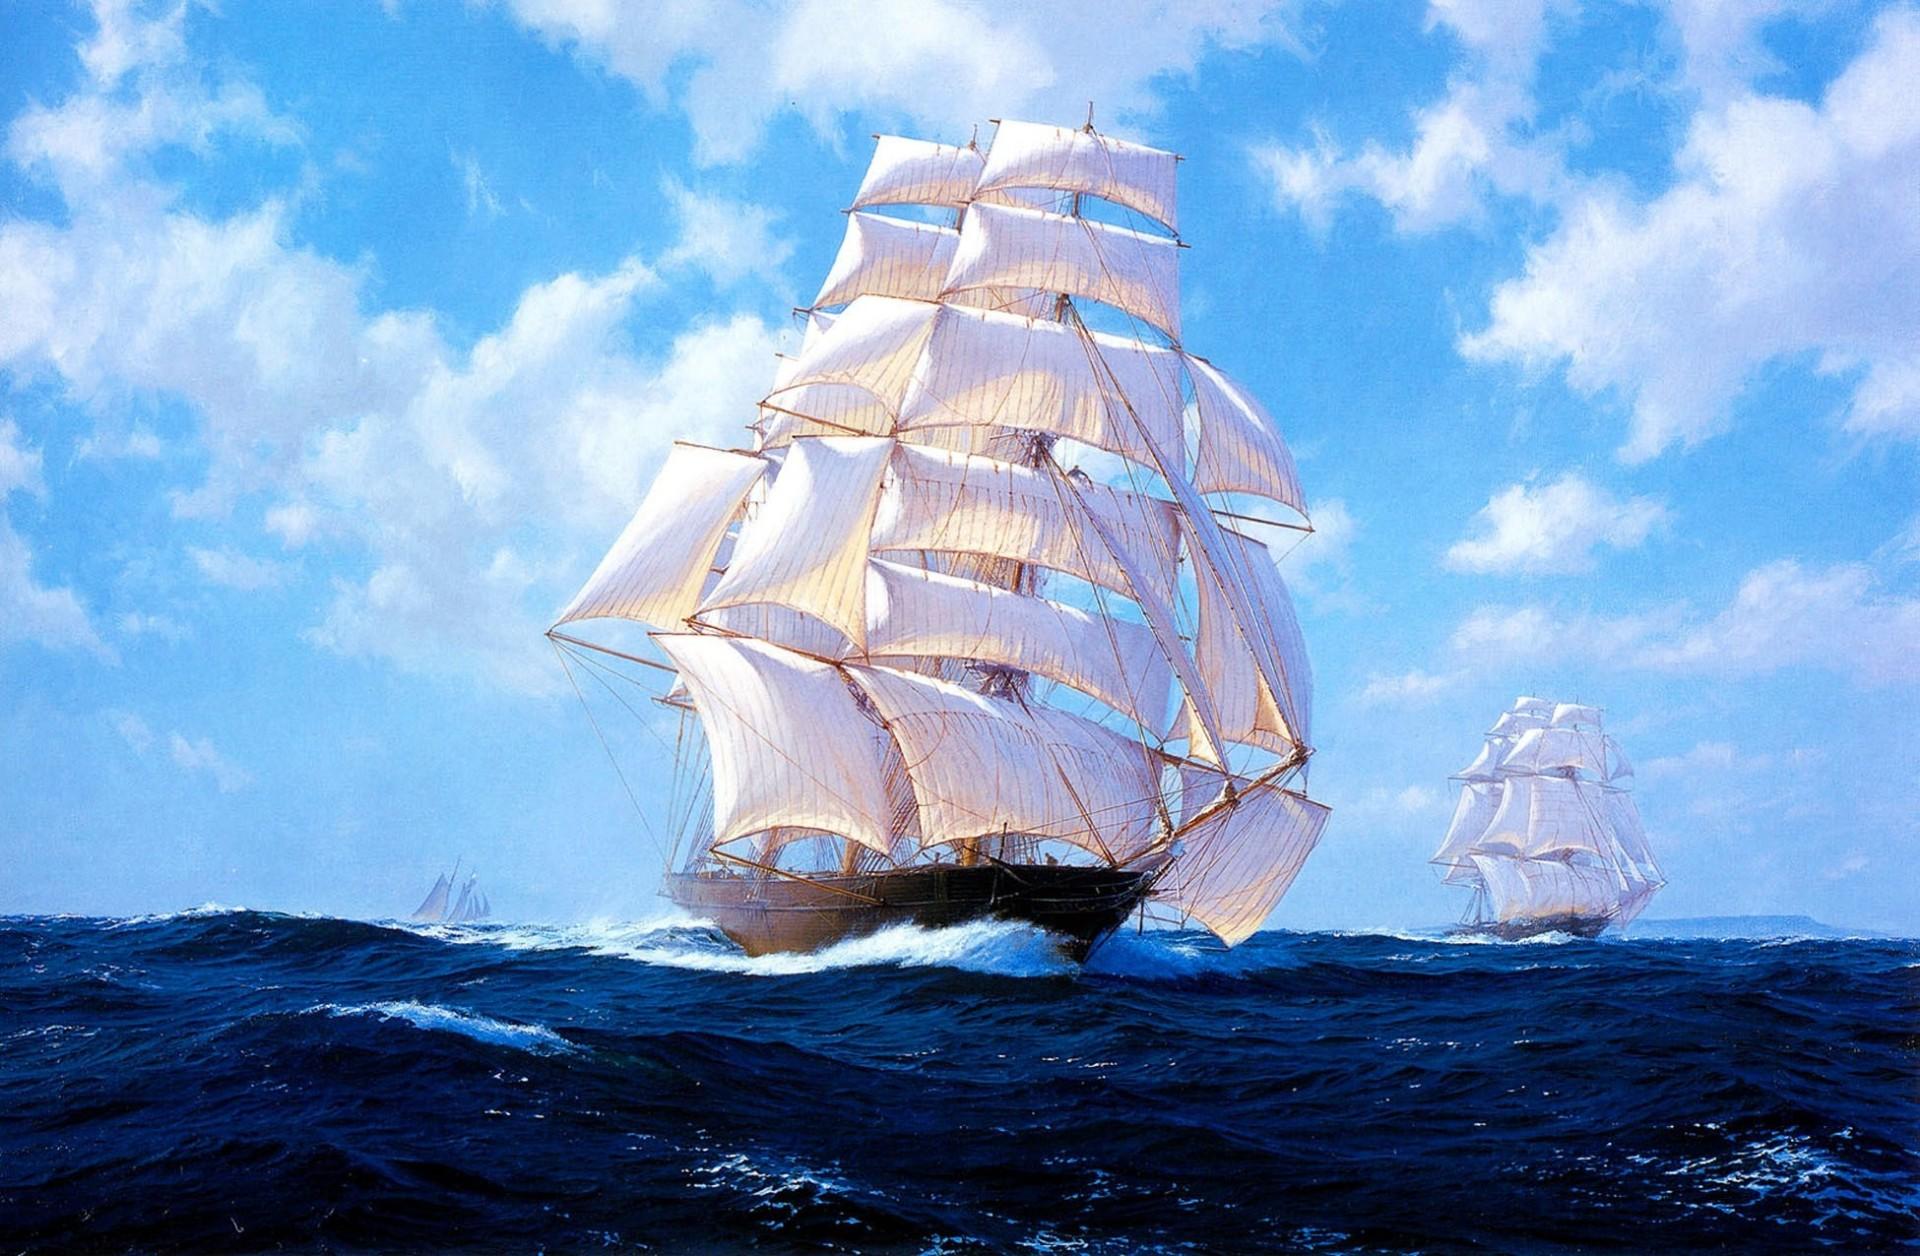 многих картинки на морскую тематику с кораблем границы лнр